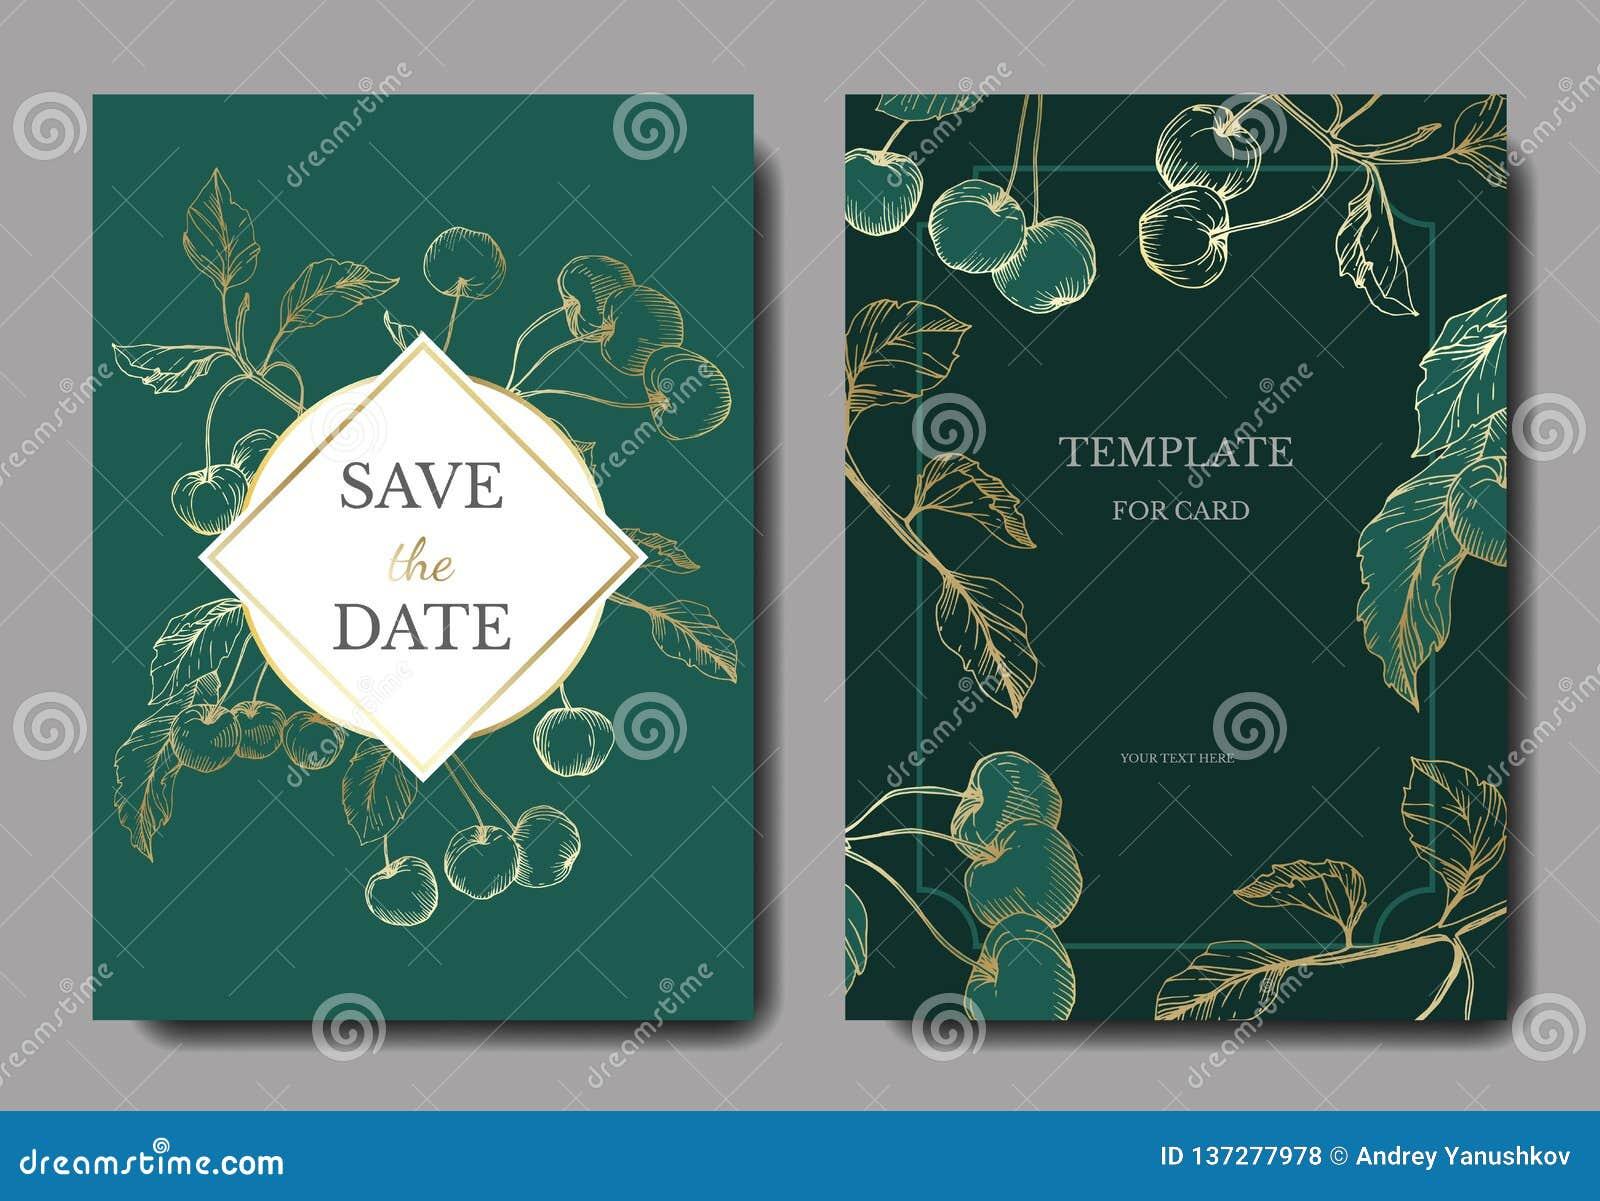 Wektorowe Czereśniowe owoc Złota i zielona grawerująca atrament sztuka Ślubnej tło karty kwiecista dekoracyjna granica